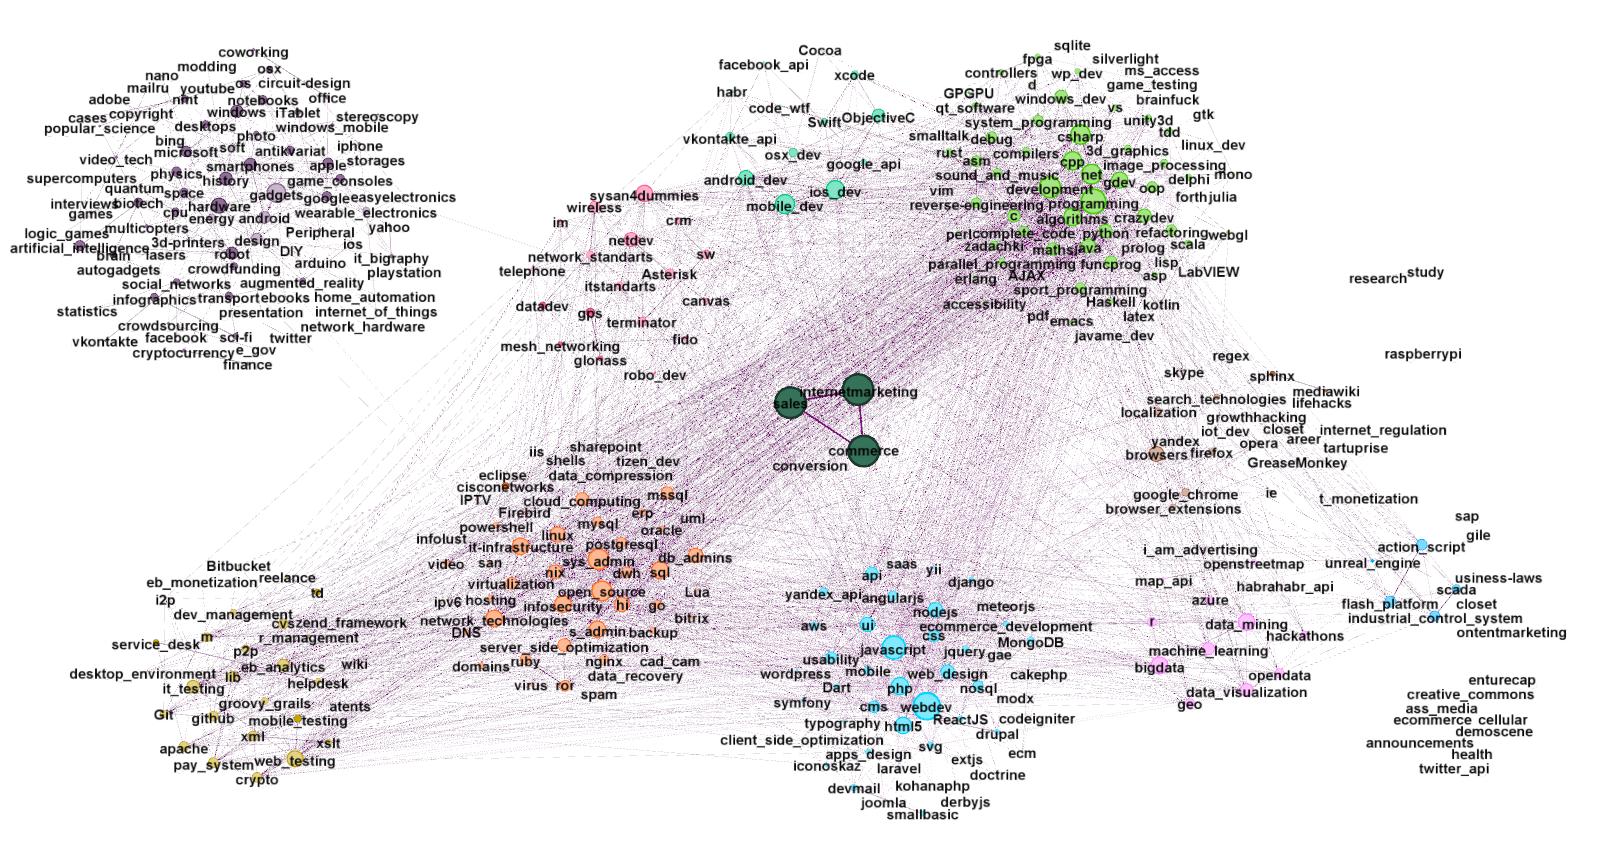 Хабра-граф, -сообщества и куда же делась вся карма - 17